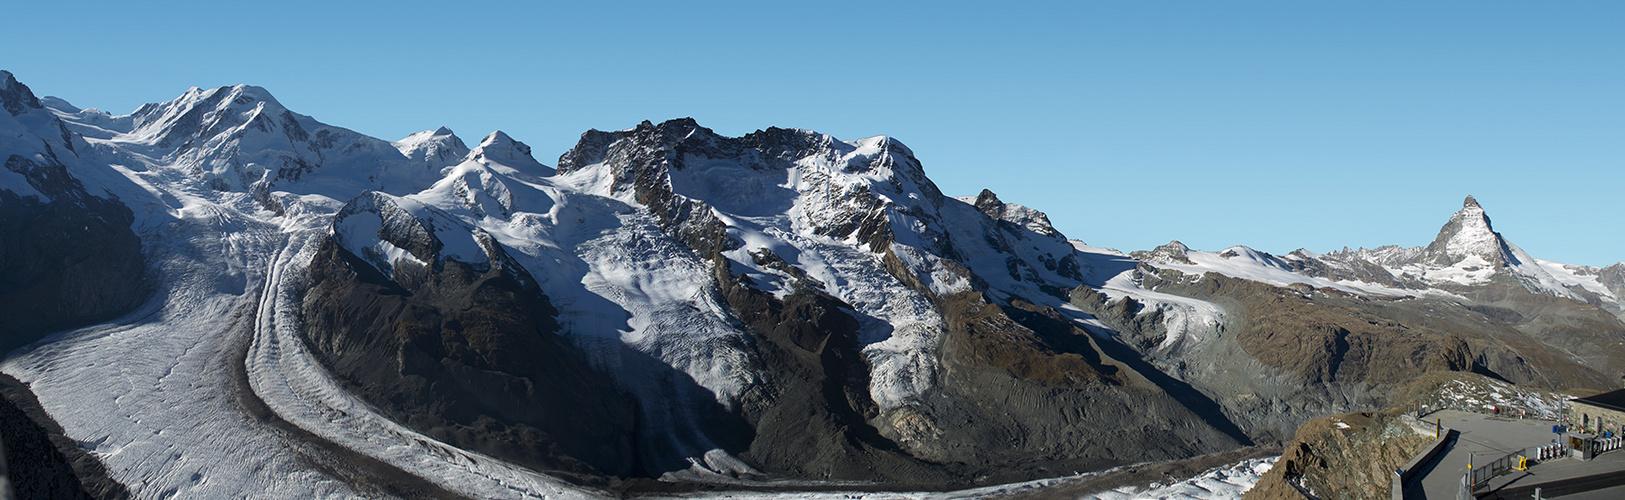 Teilpanorama Gletscher mit Matterhorn